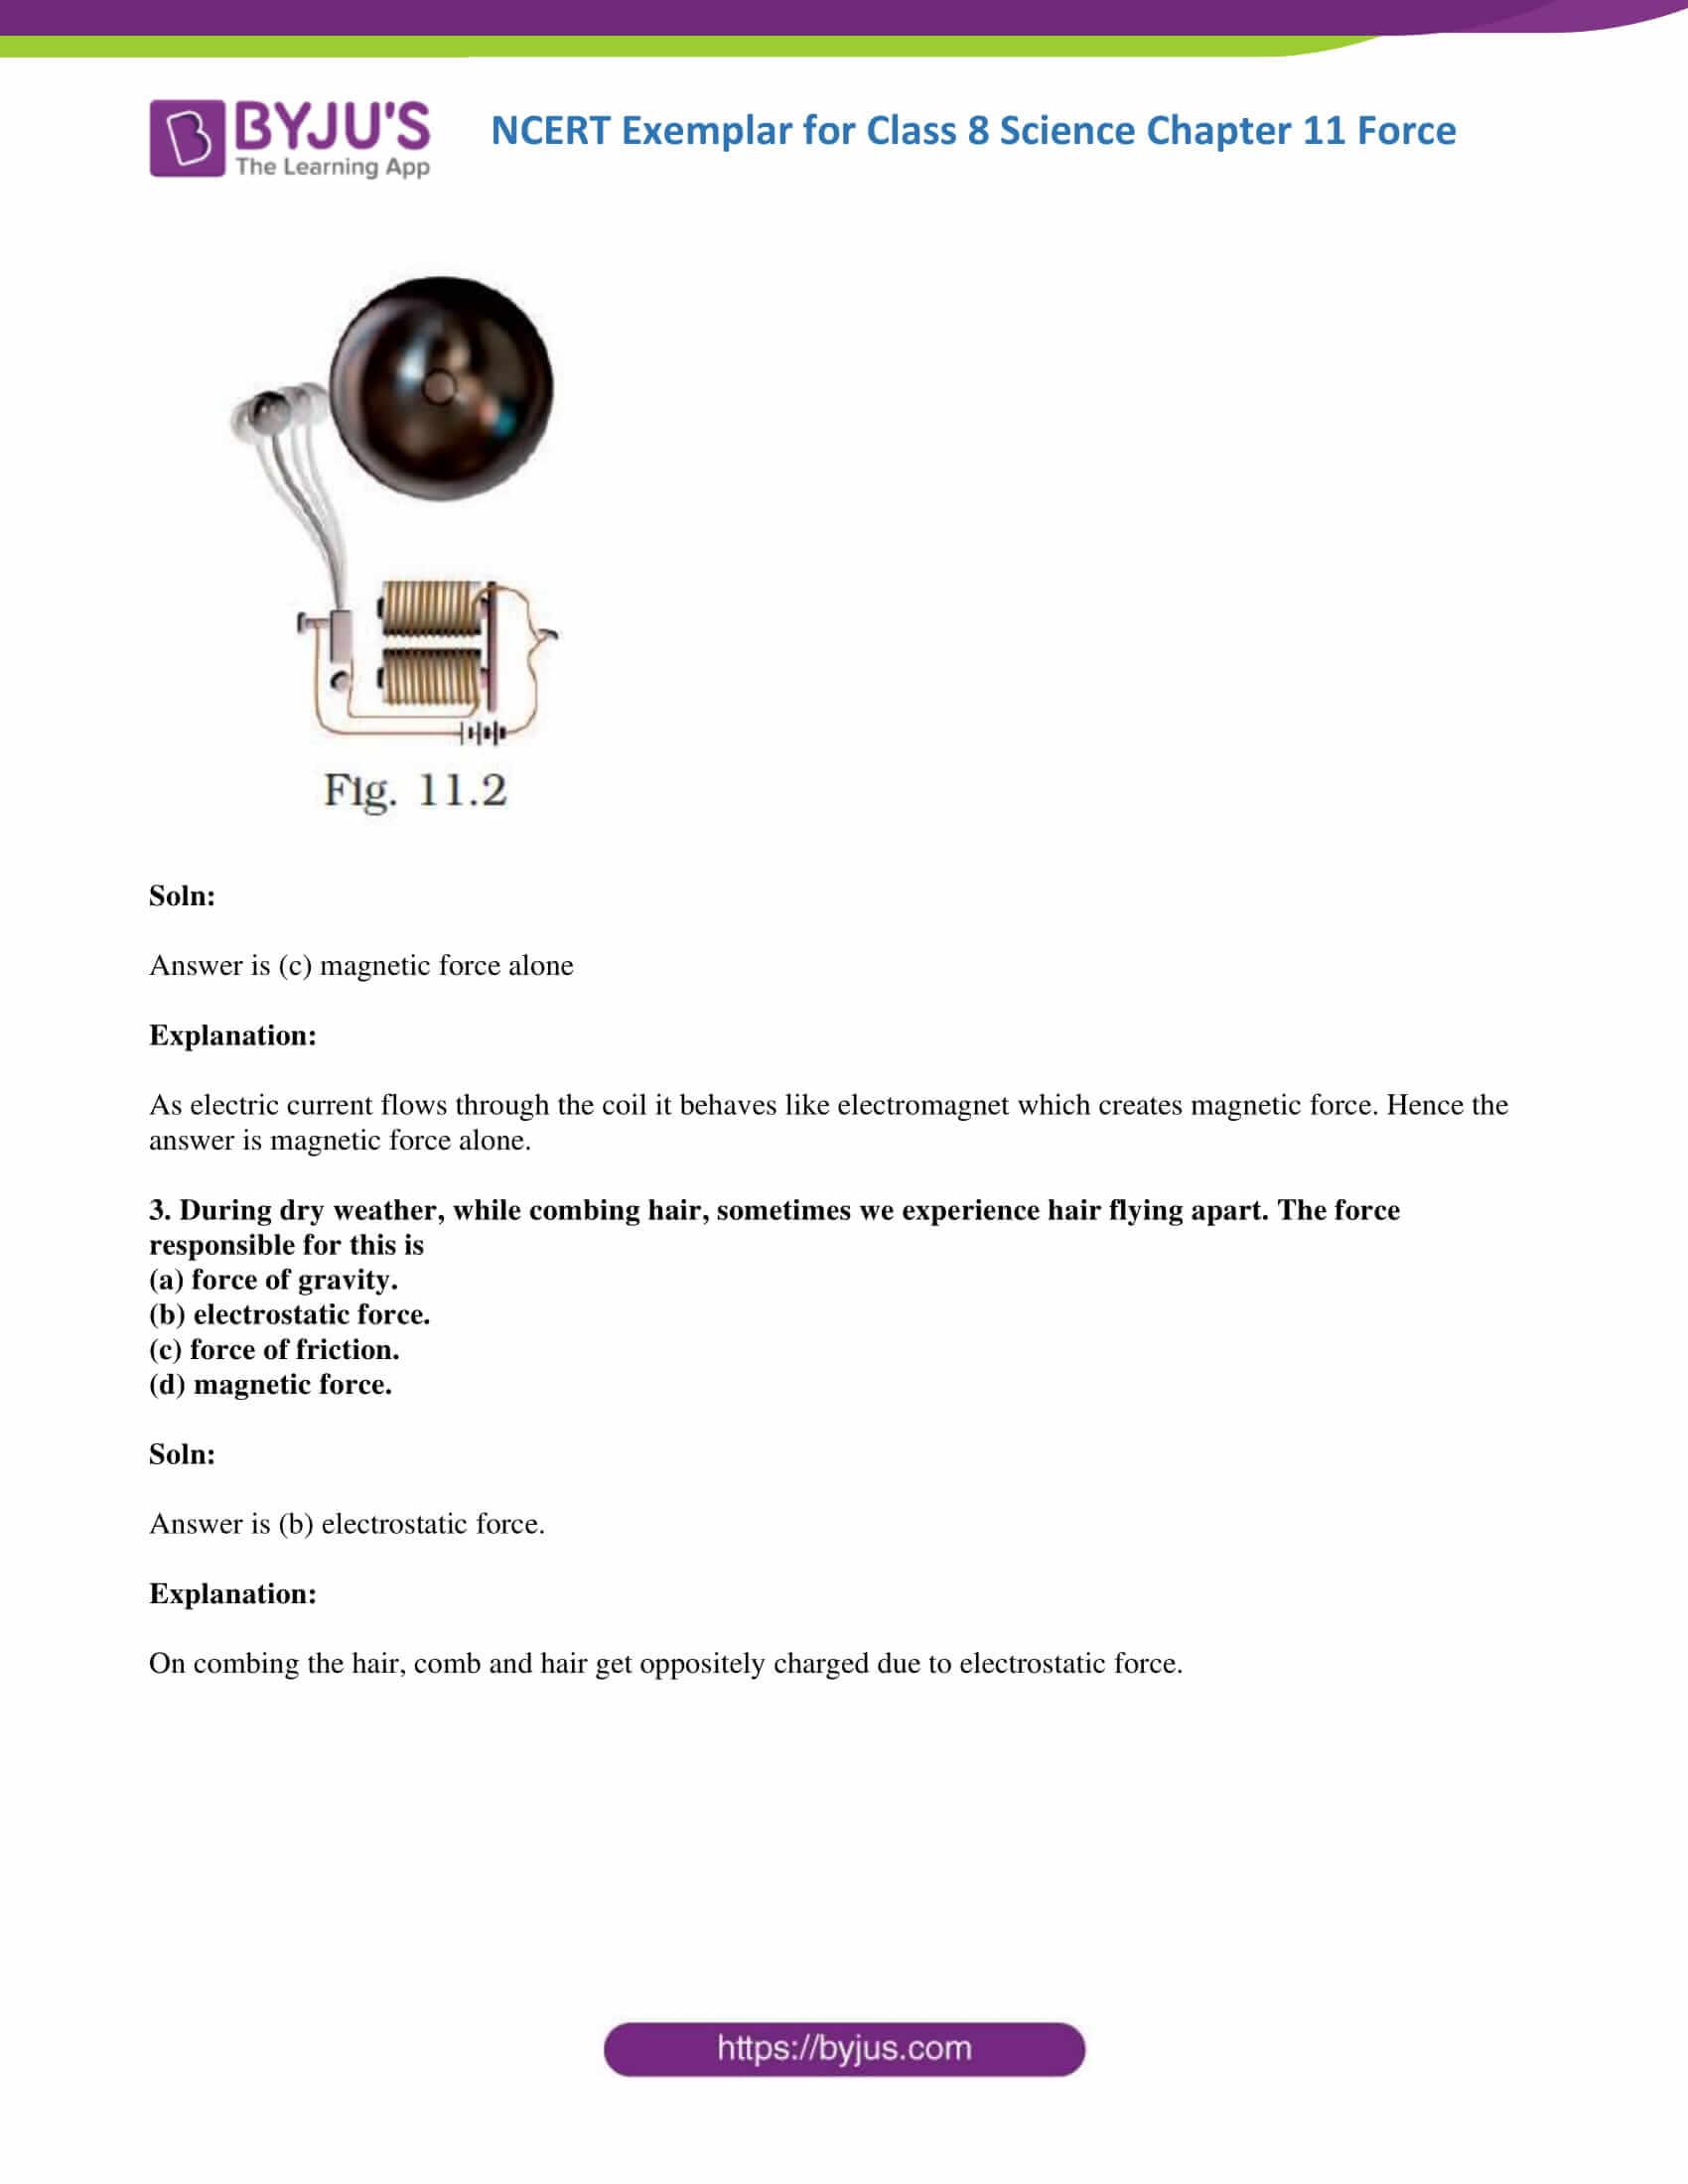 NCERT Exemplar solution class 8 Science Chapter 11 part 02